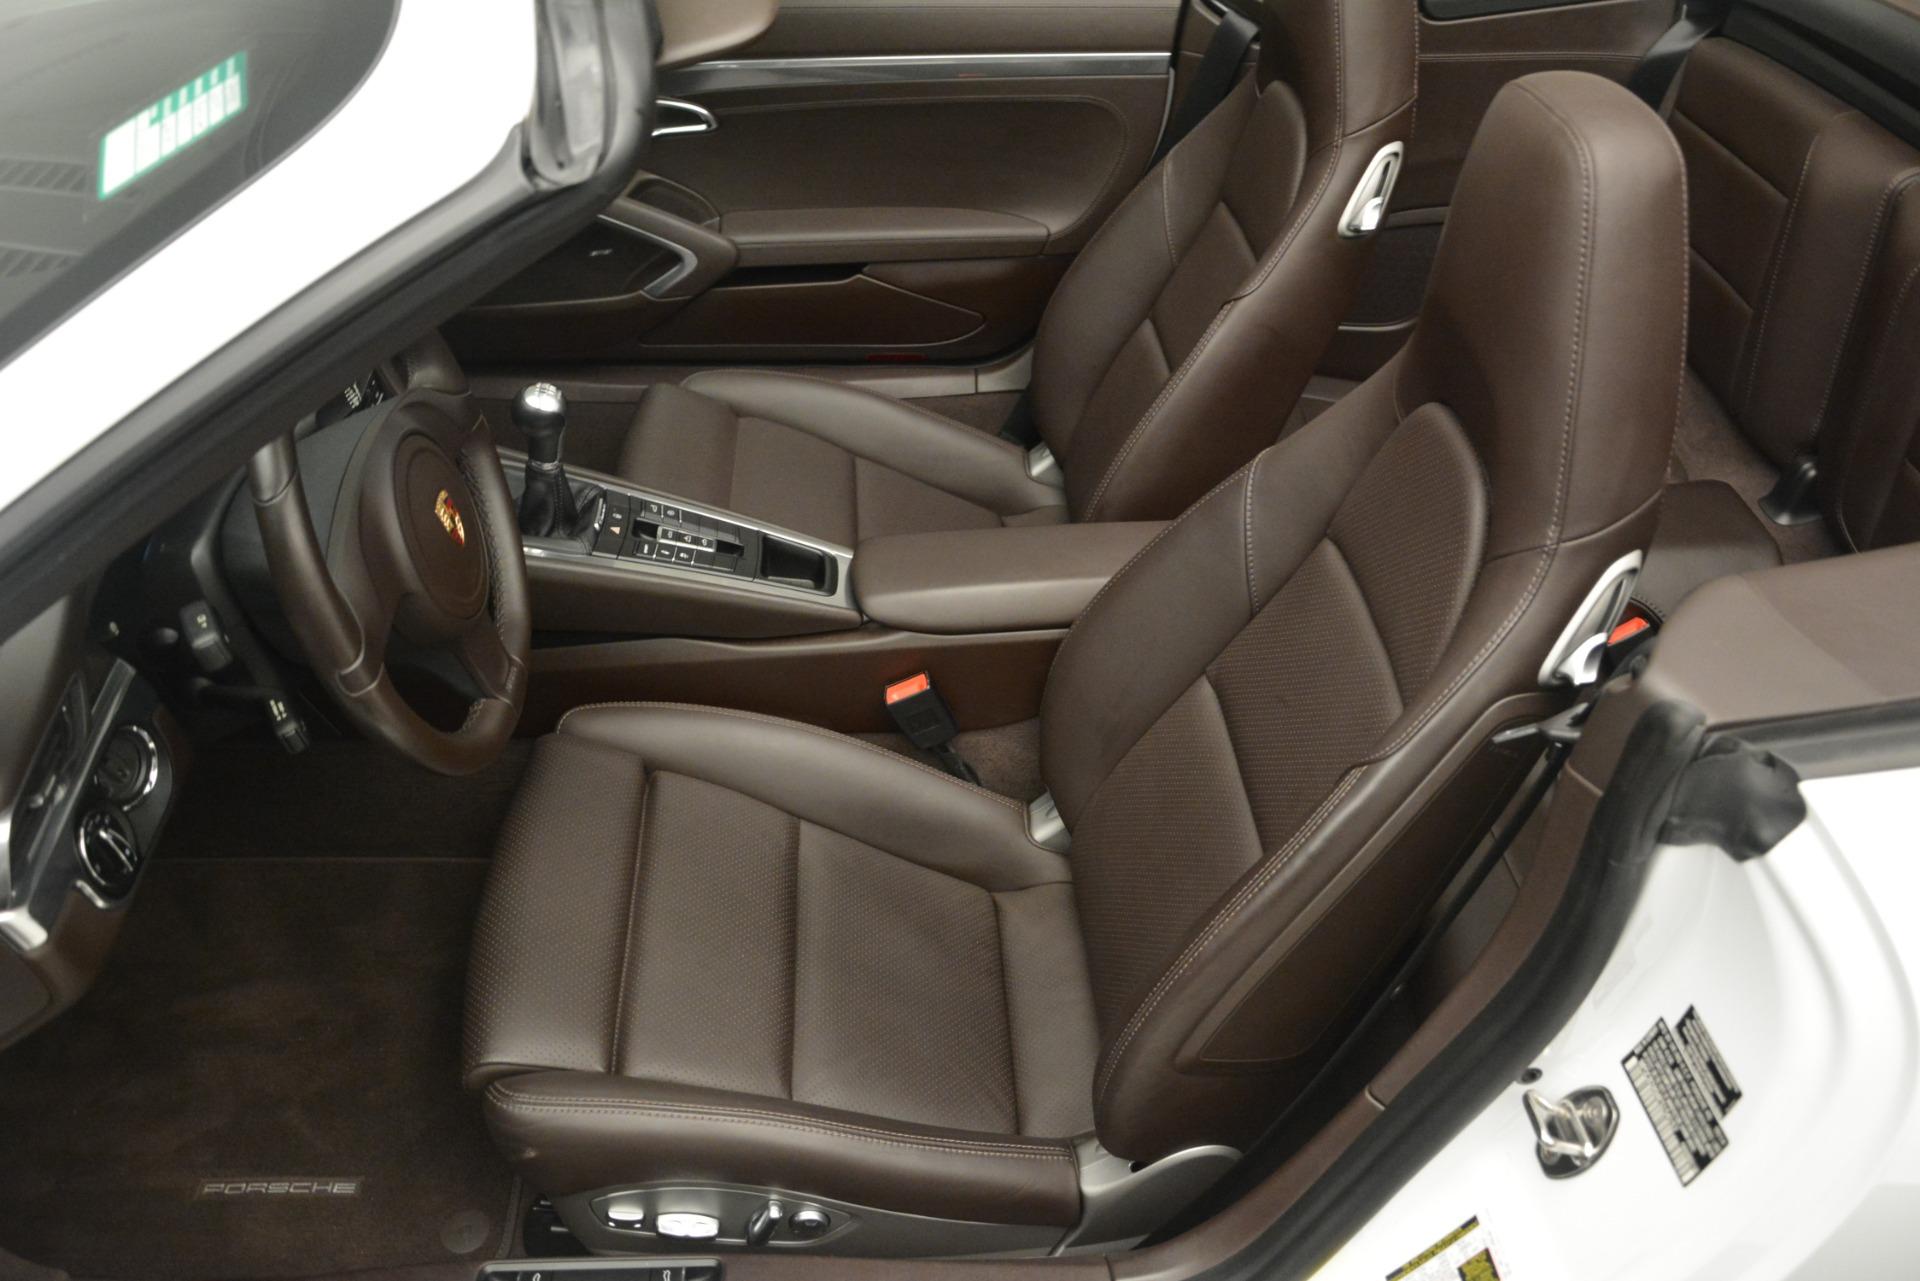 Used 2015 Porsche 911 Carrera S For Sale In Greenwich, CT 2578_p16